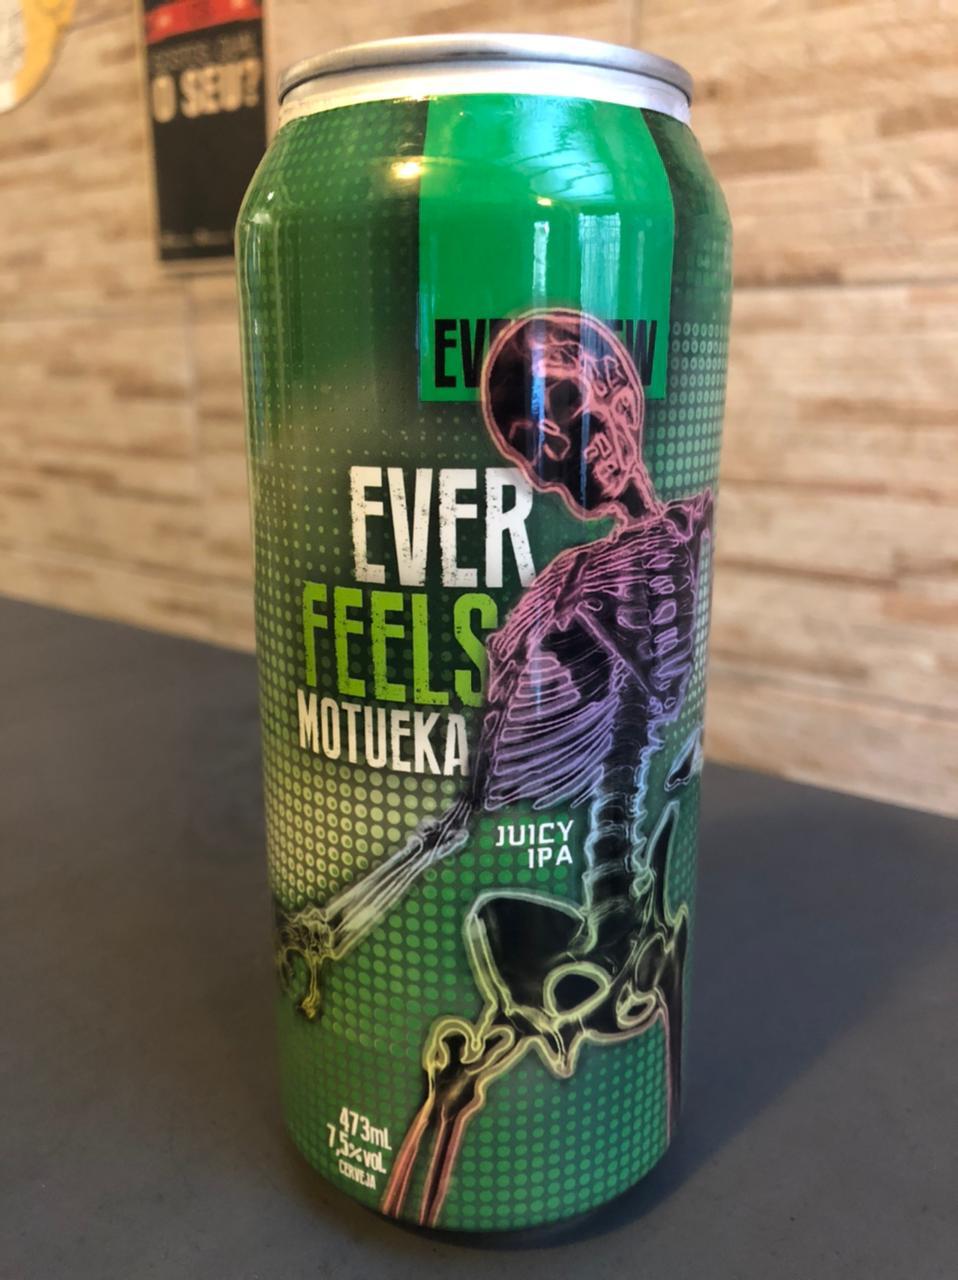 Everbrew EverFeels Motueka Lata 473ml - Juicy IPA